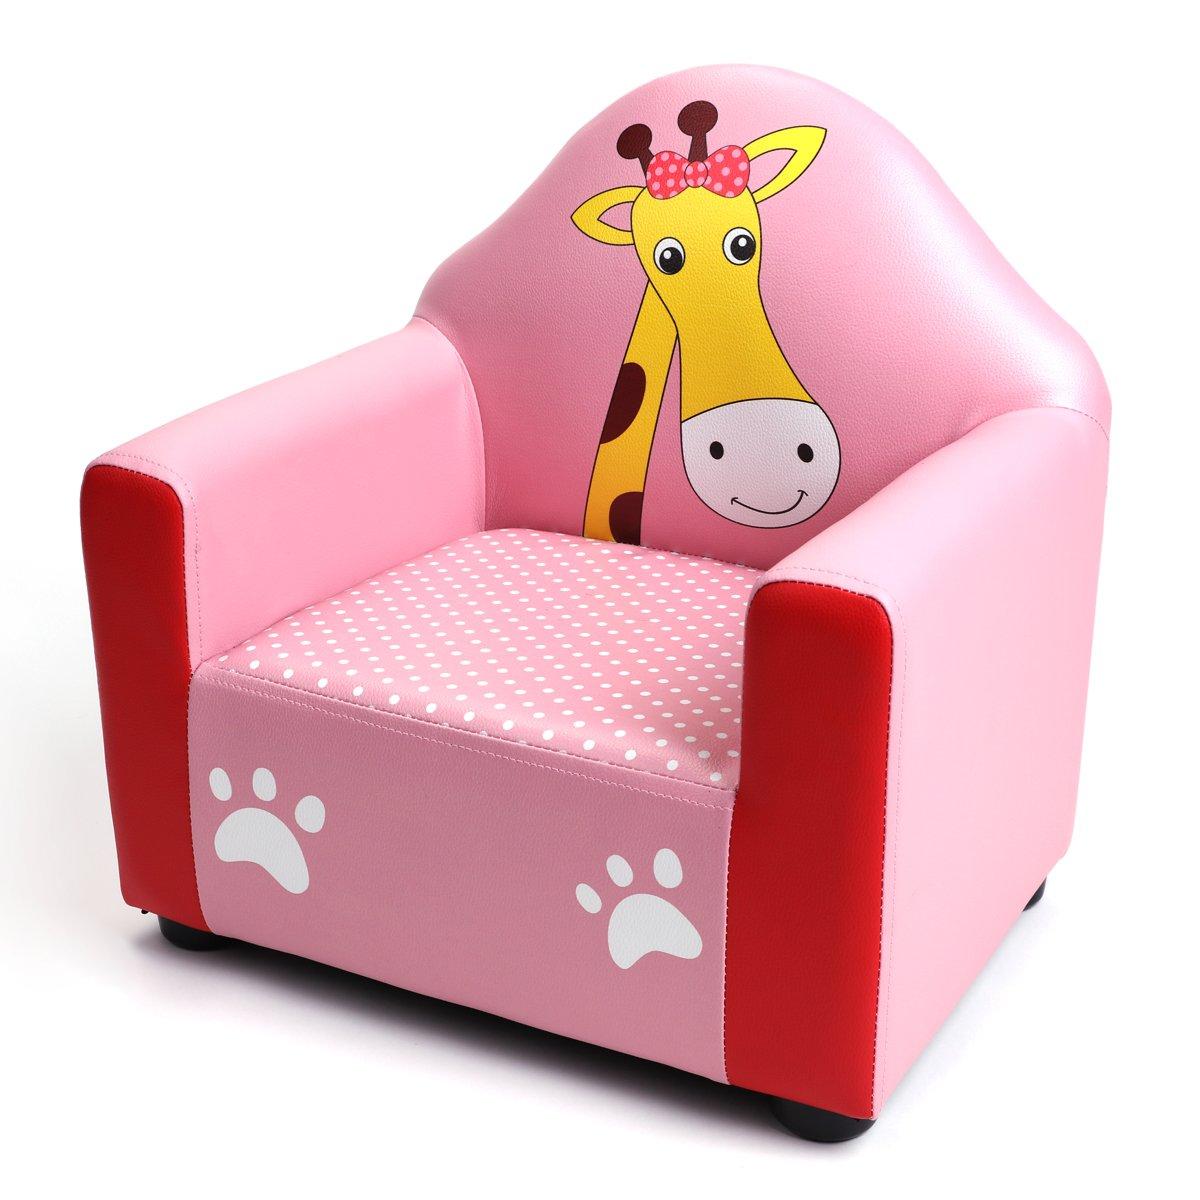 BOCCA Children's Arm Chair,16.53